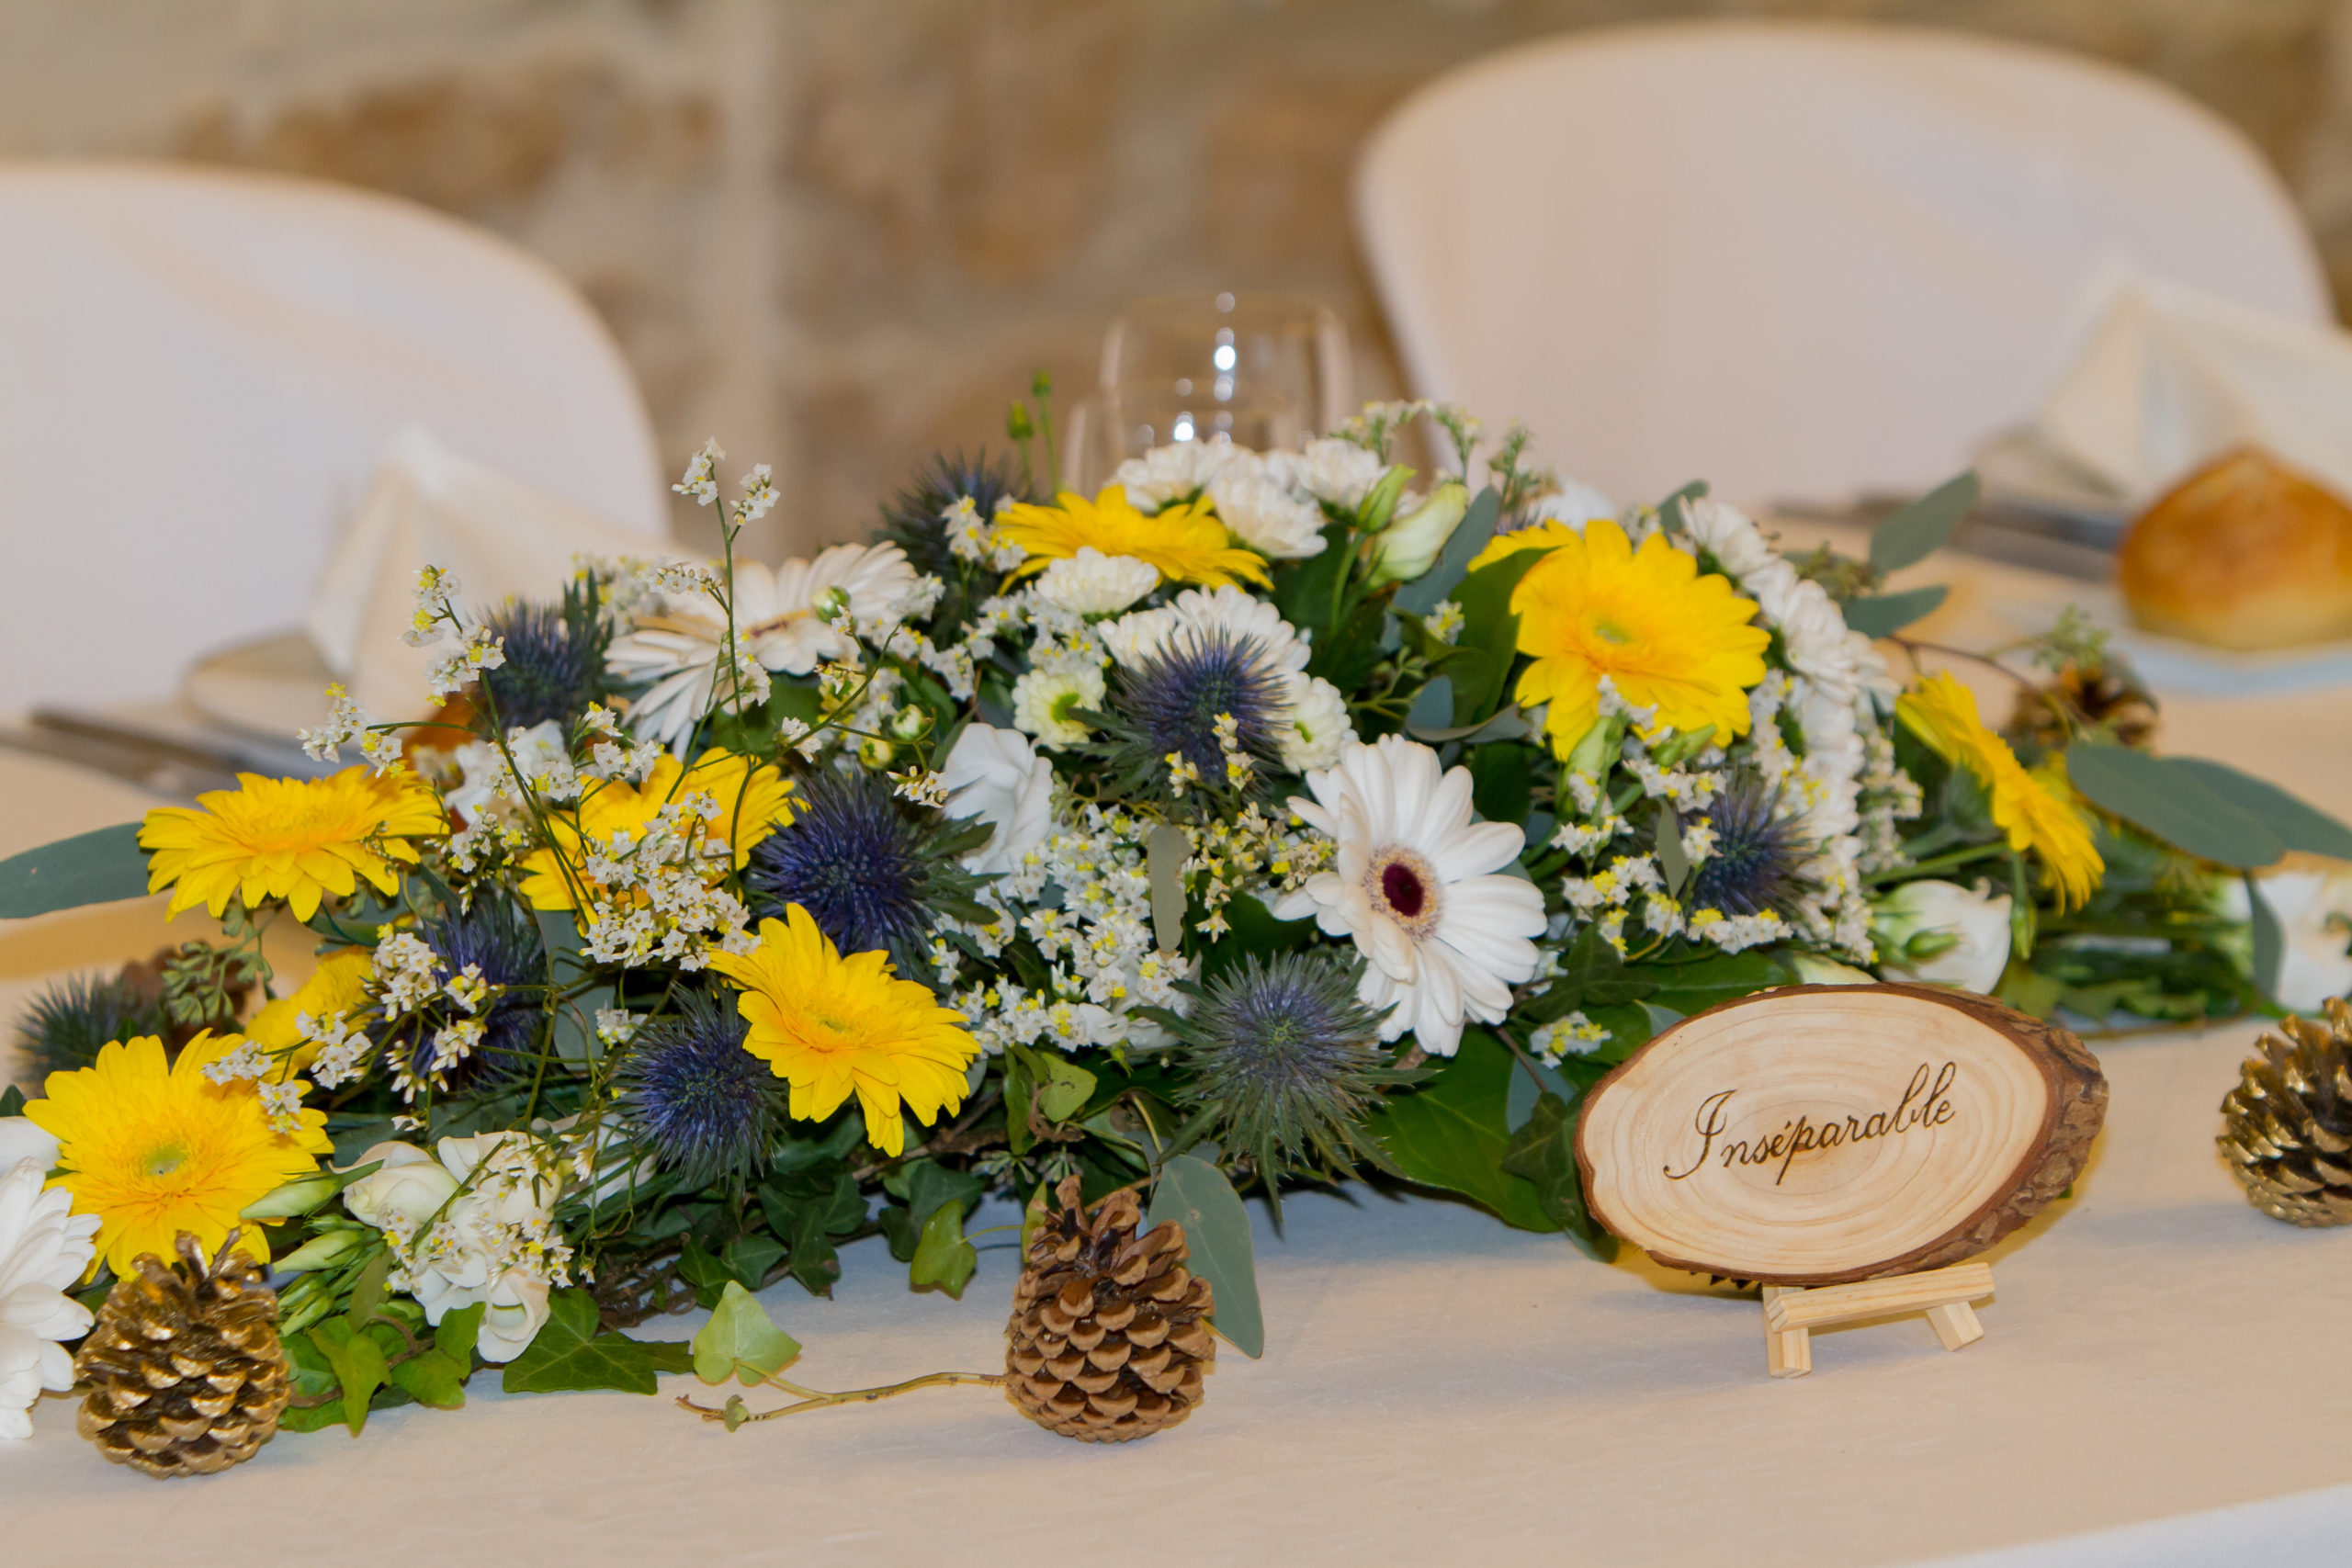 Mariage A&J - Centre de table - C&D Events Wedding planner Oise et Paris